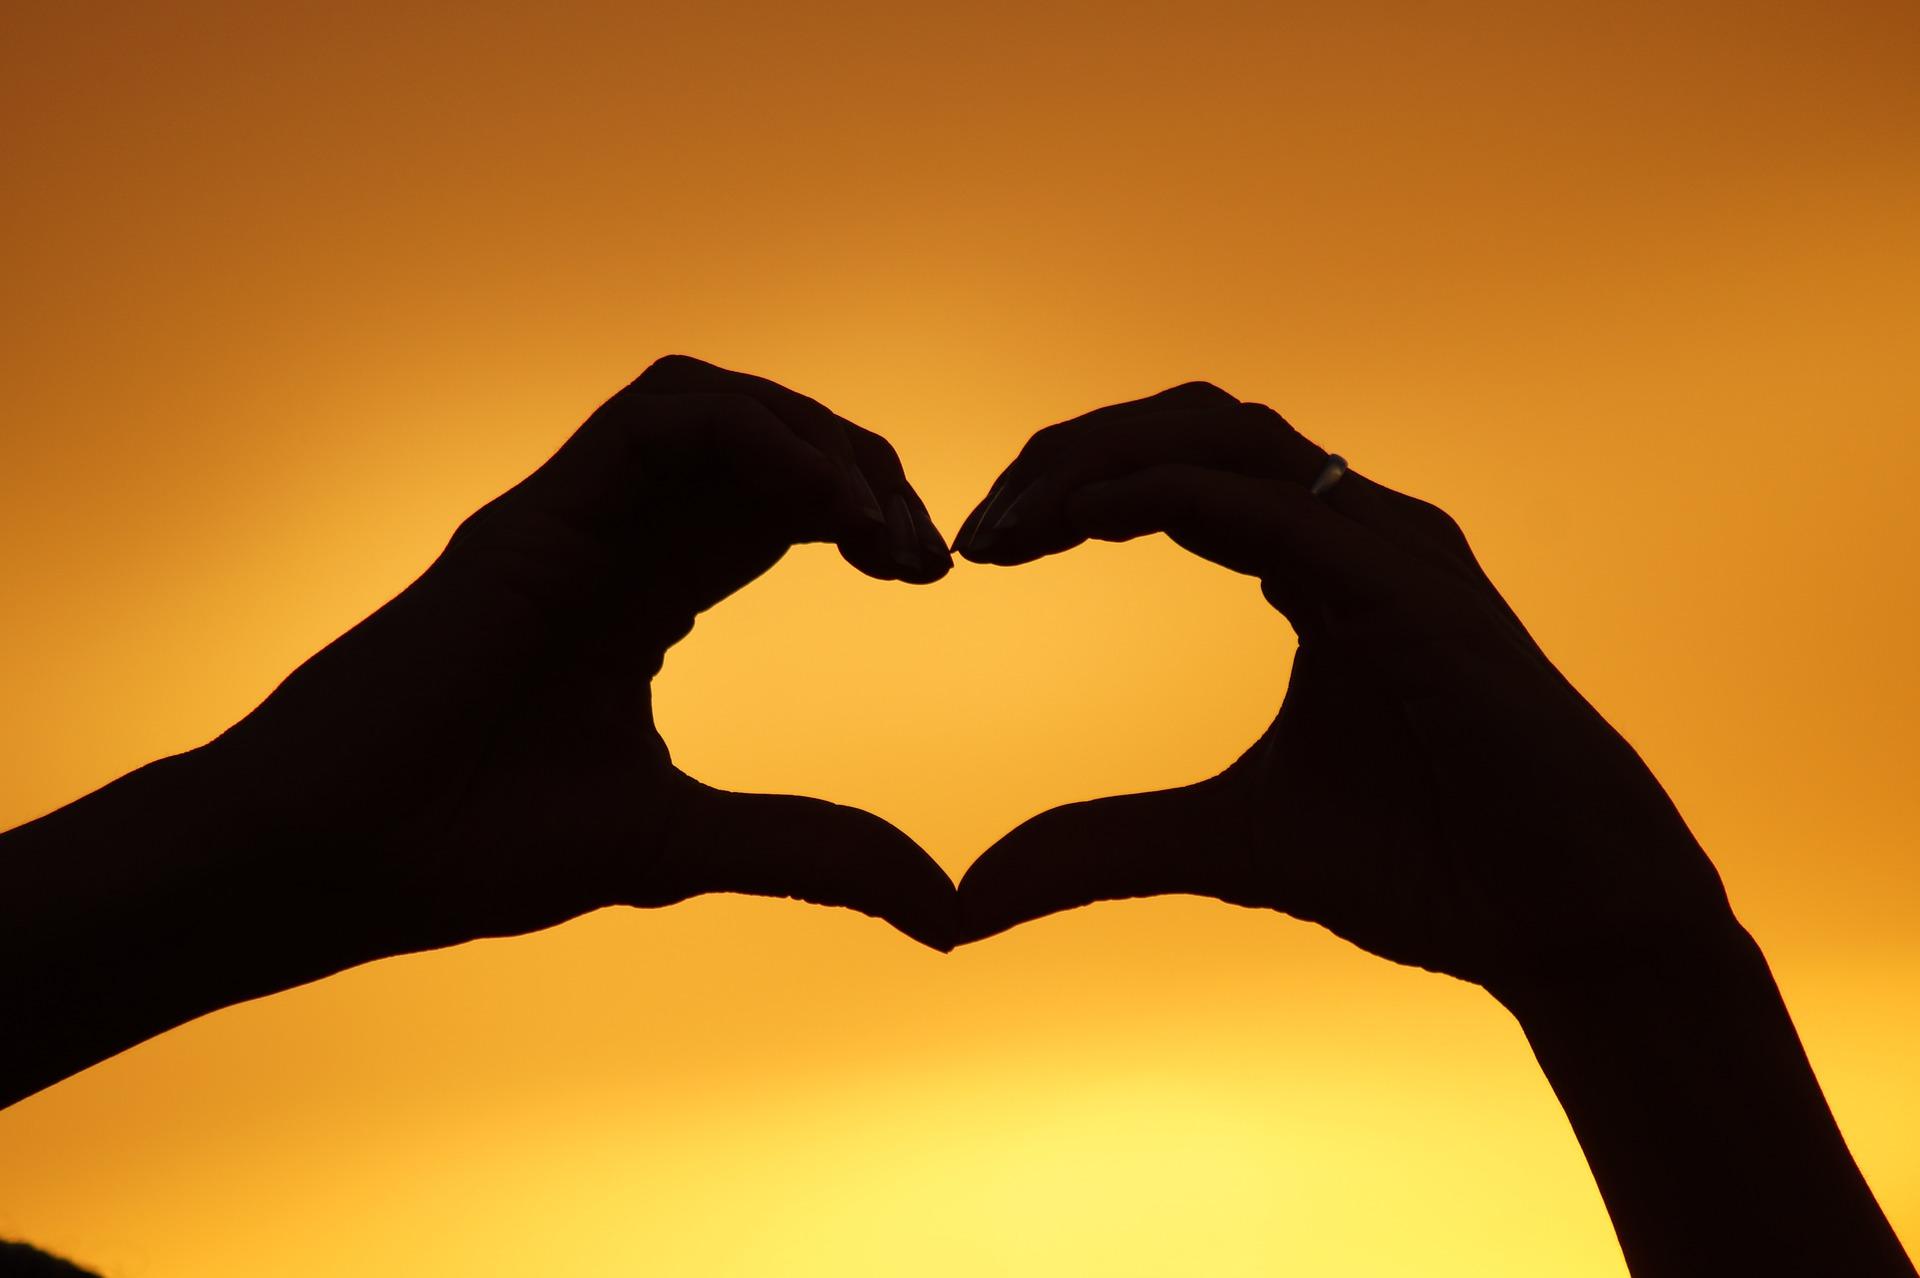 uleiuri esentiale pentru iubire de sine - sfatulparintilor.ro - pixabay_com - heart-826933_1920